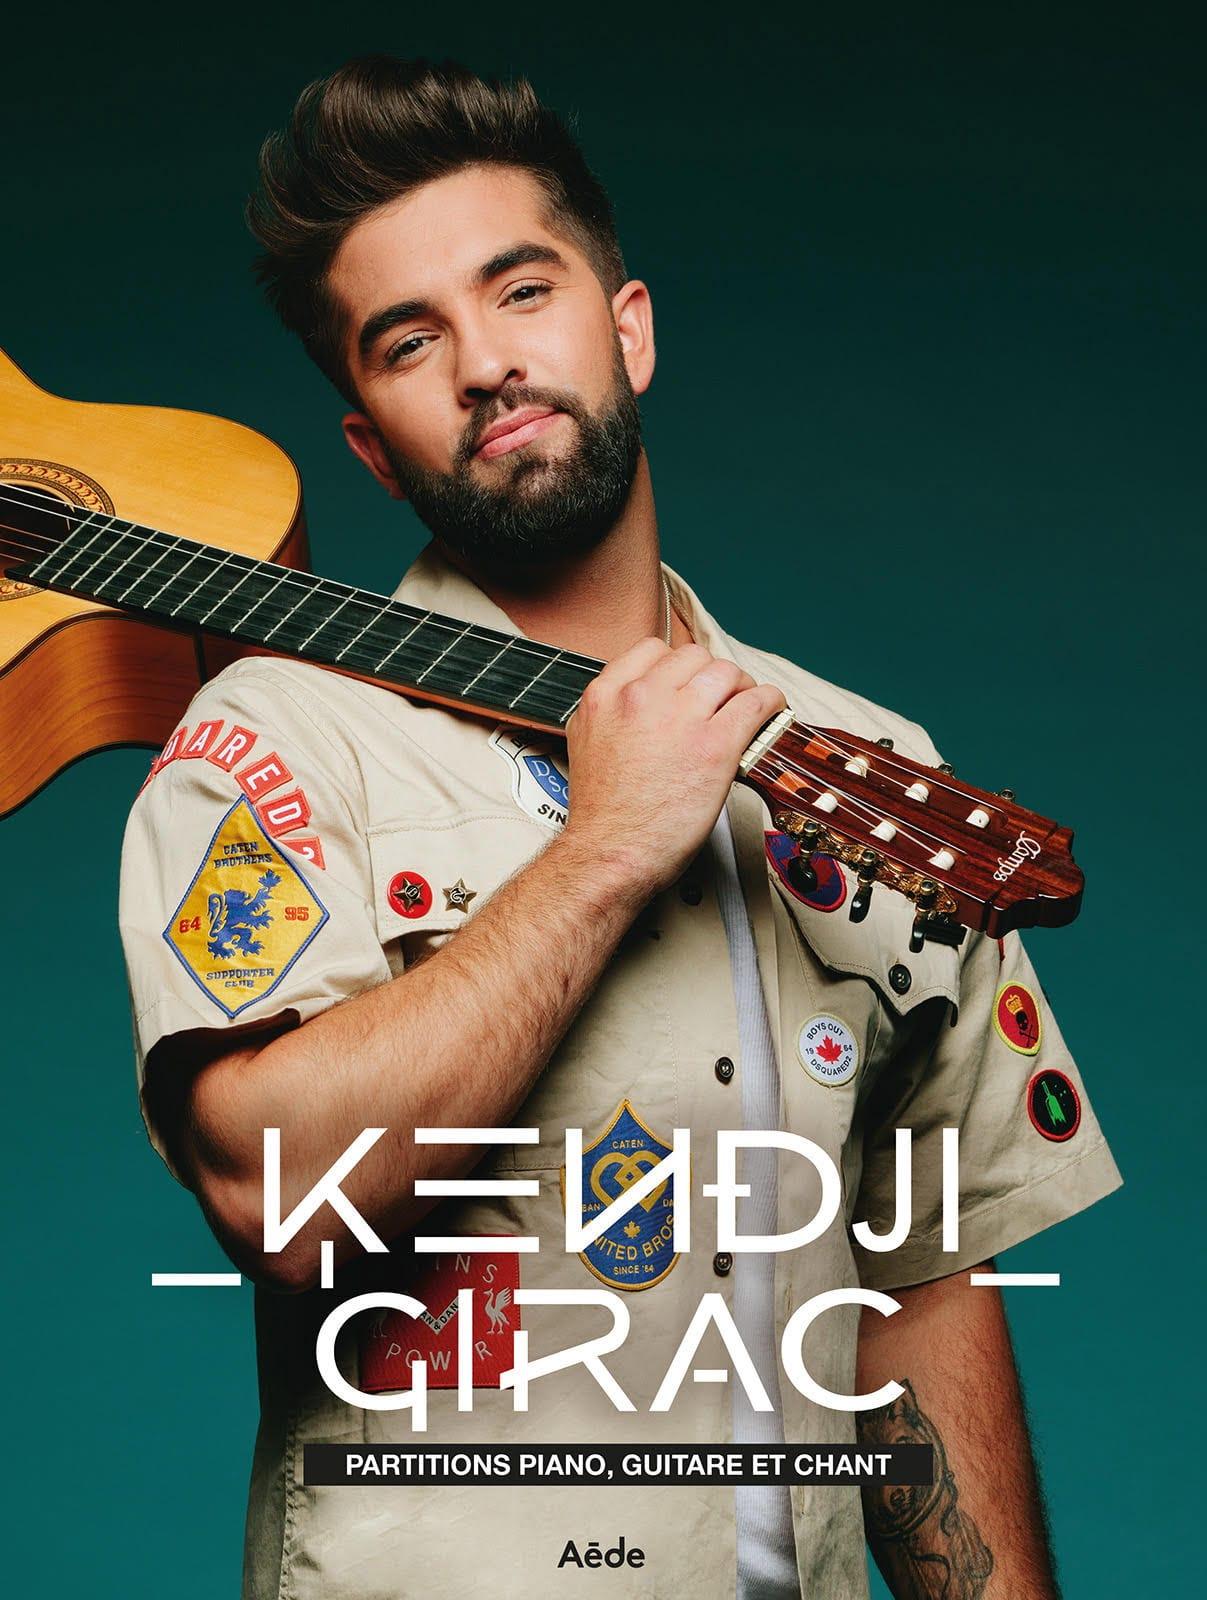 Kendji Girac Pour Oublier : kendji, girac, oublier, Kendji, Girac, Greatest, Success, Partition, Di-arezzo.com